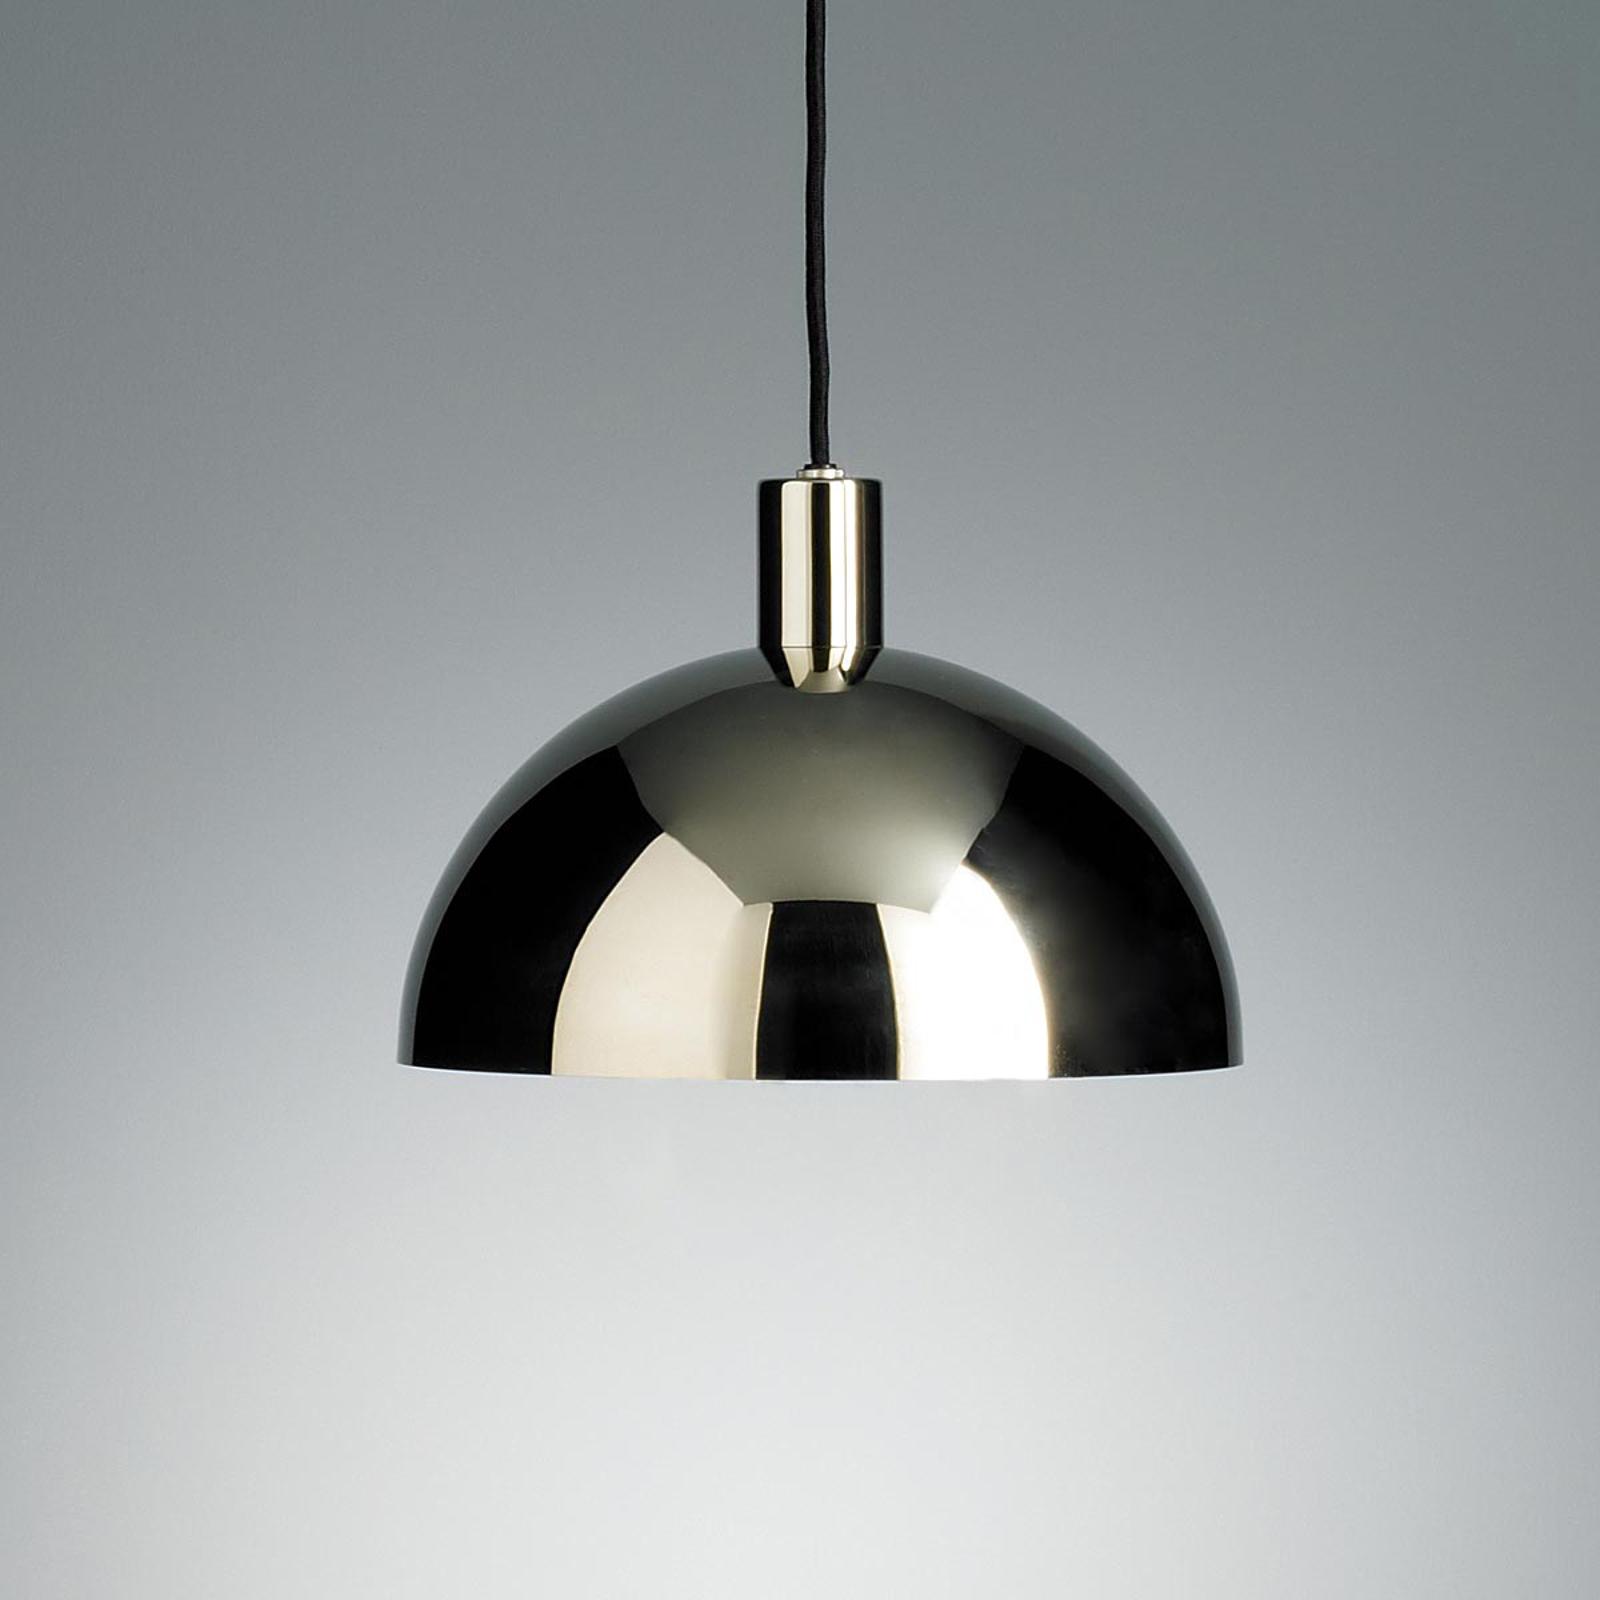 TECNOLUMEN HMB25 lampa wisząca srebrna